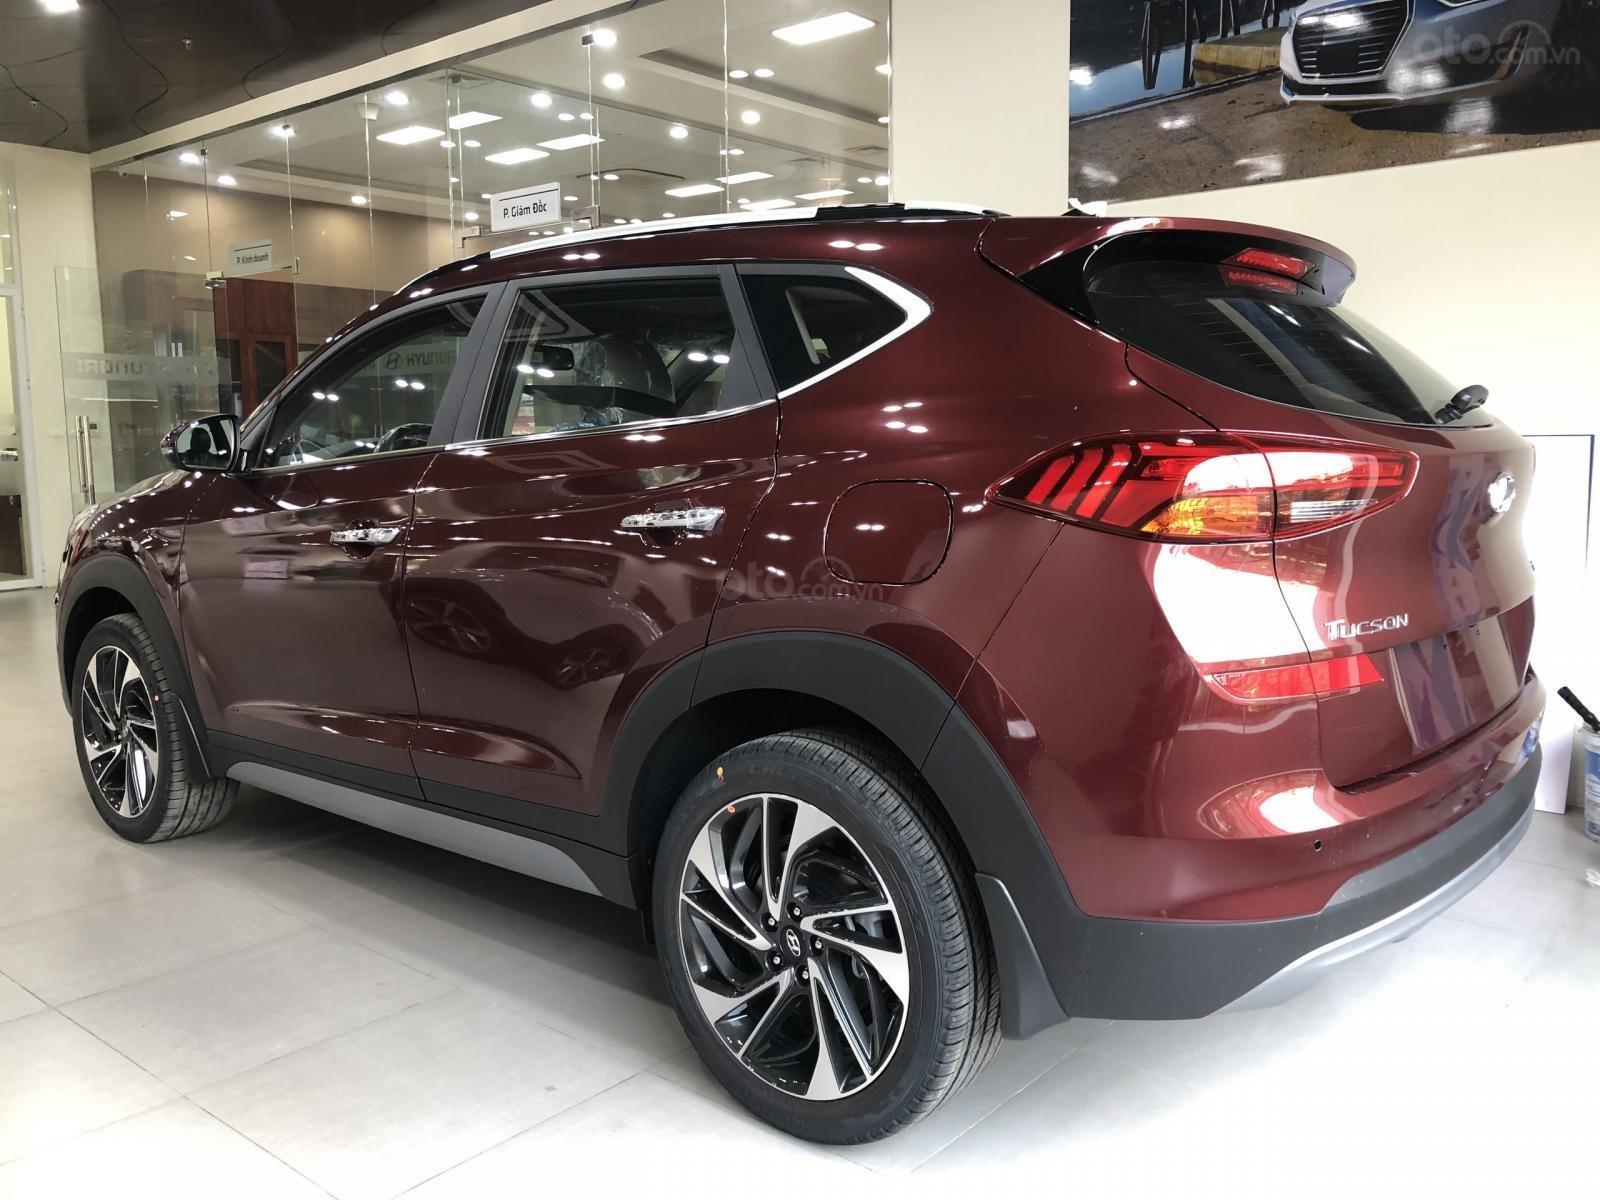 Hyundai Tucson 1.6 Turbo model 2019 - Đủ màu giao ngay - Gói KM lên tới 20 triệu - Ms Lan 0919929923-2